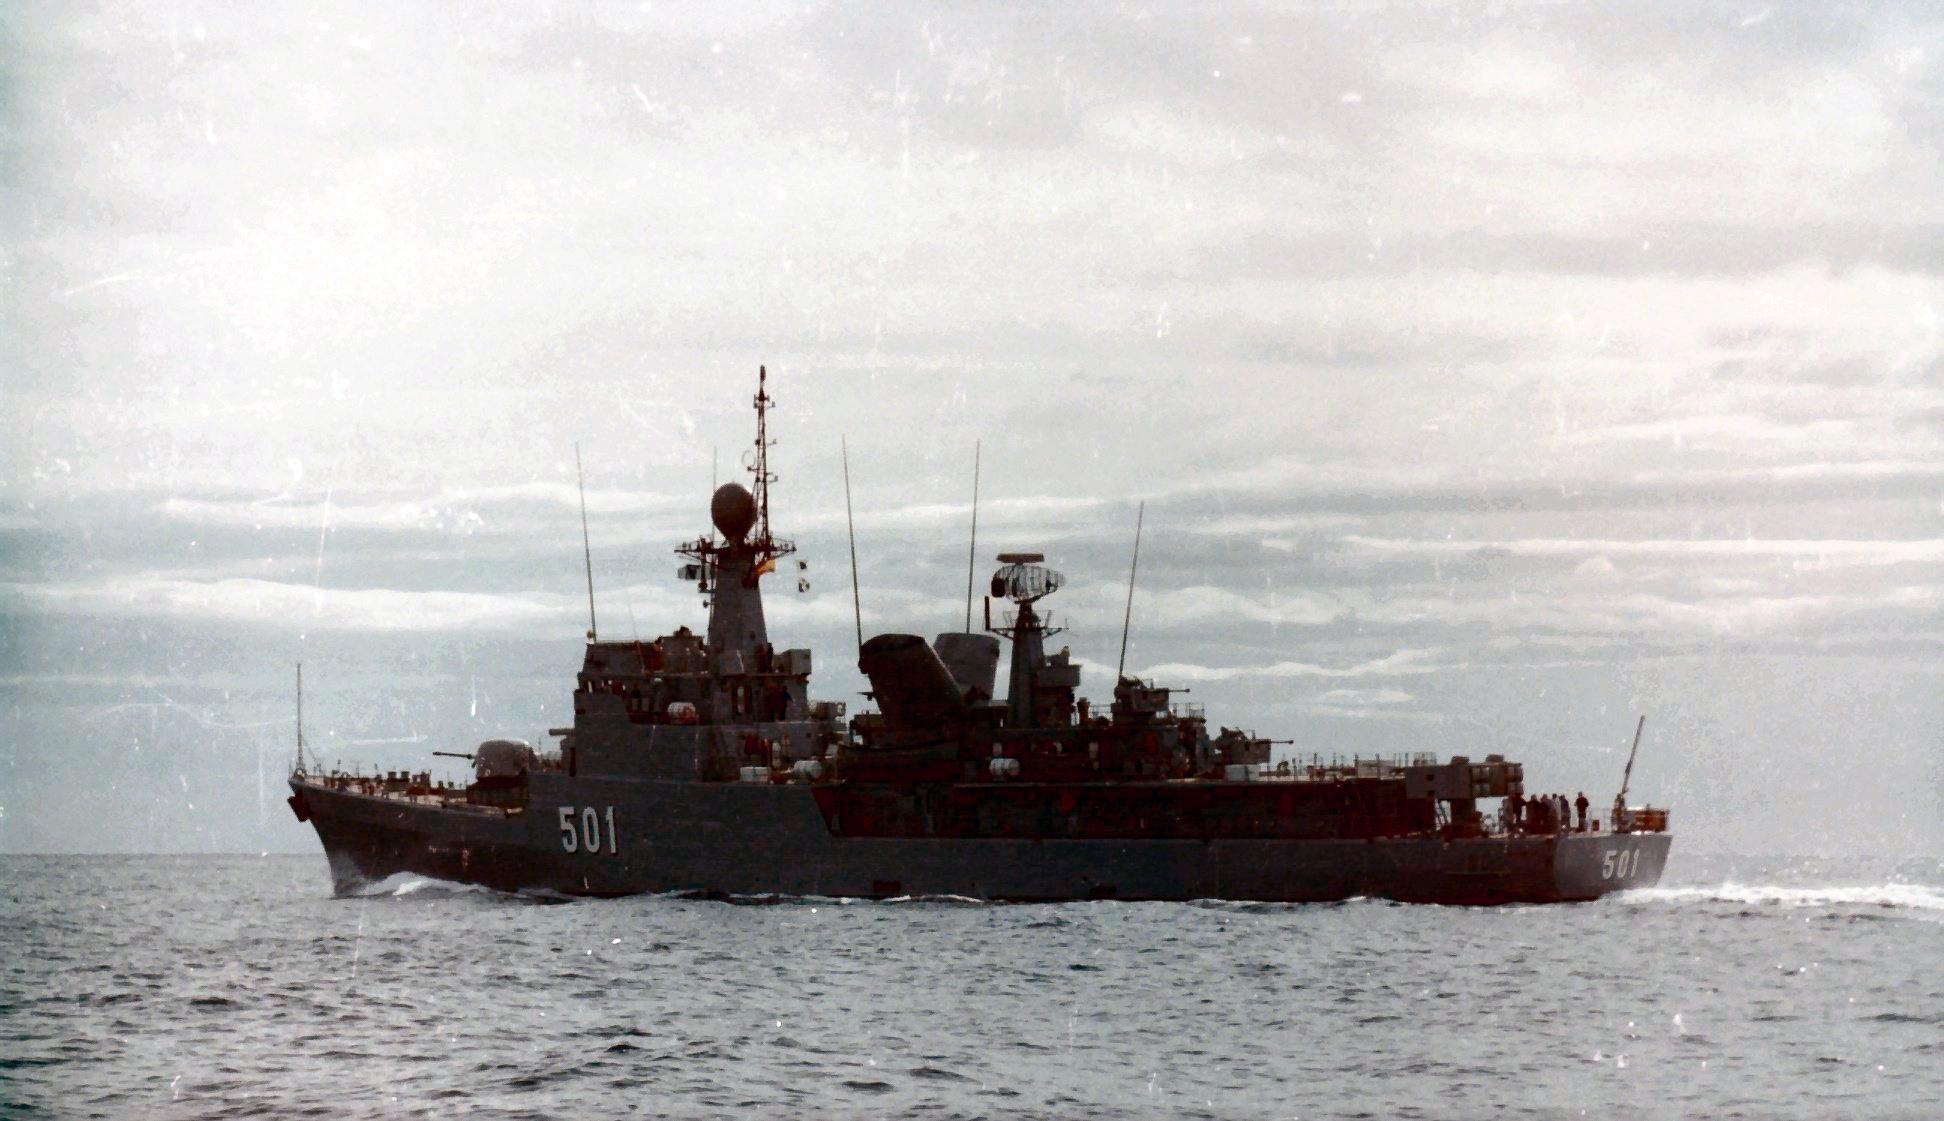 Royal Moroccan Navy Descubierta Frigate / Corvette Lt Cl Errahmani - Bâtiment École - Page 4 Clipb515